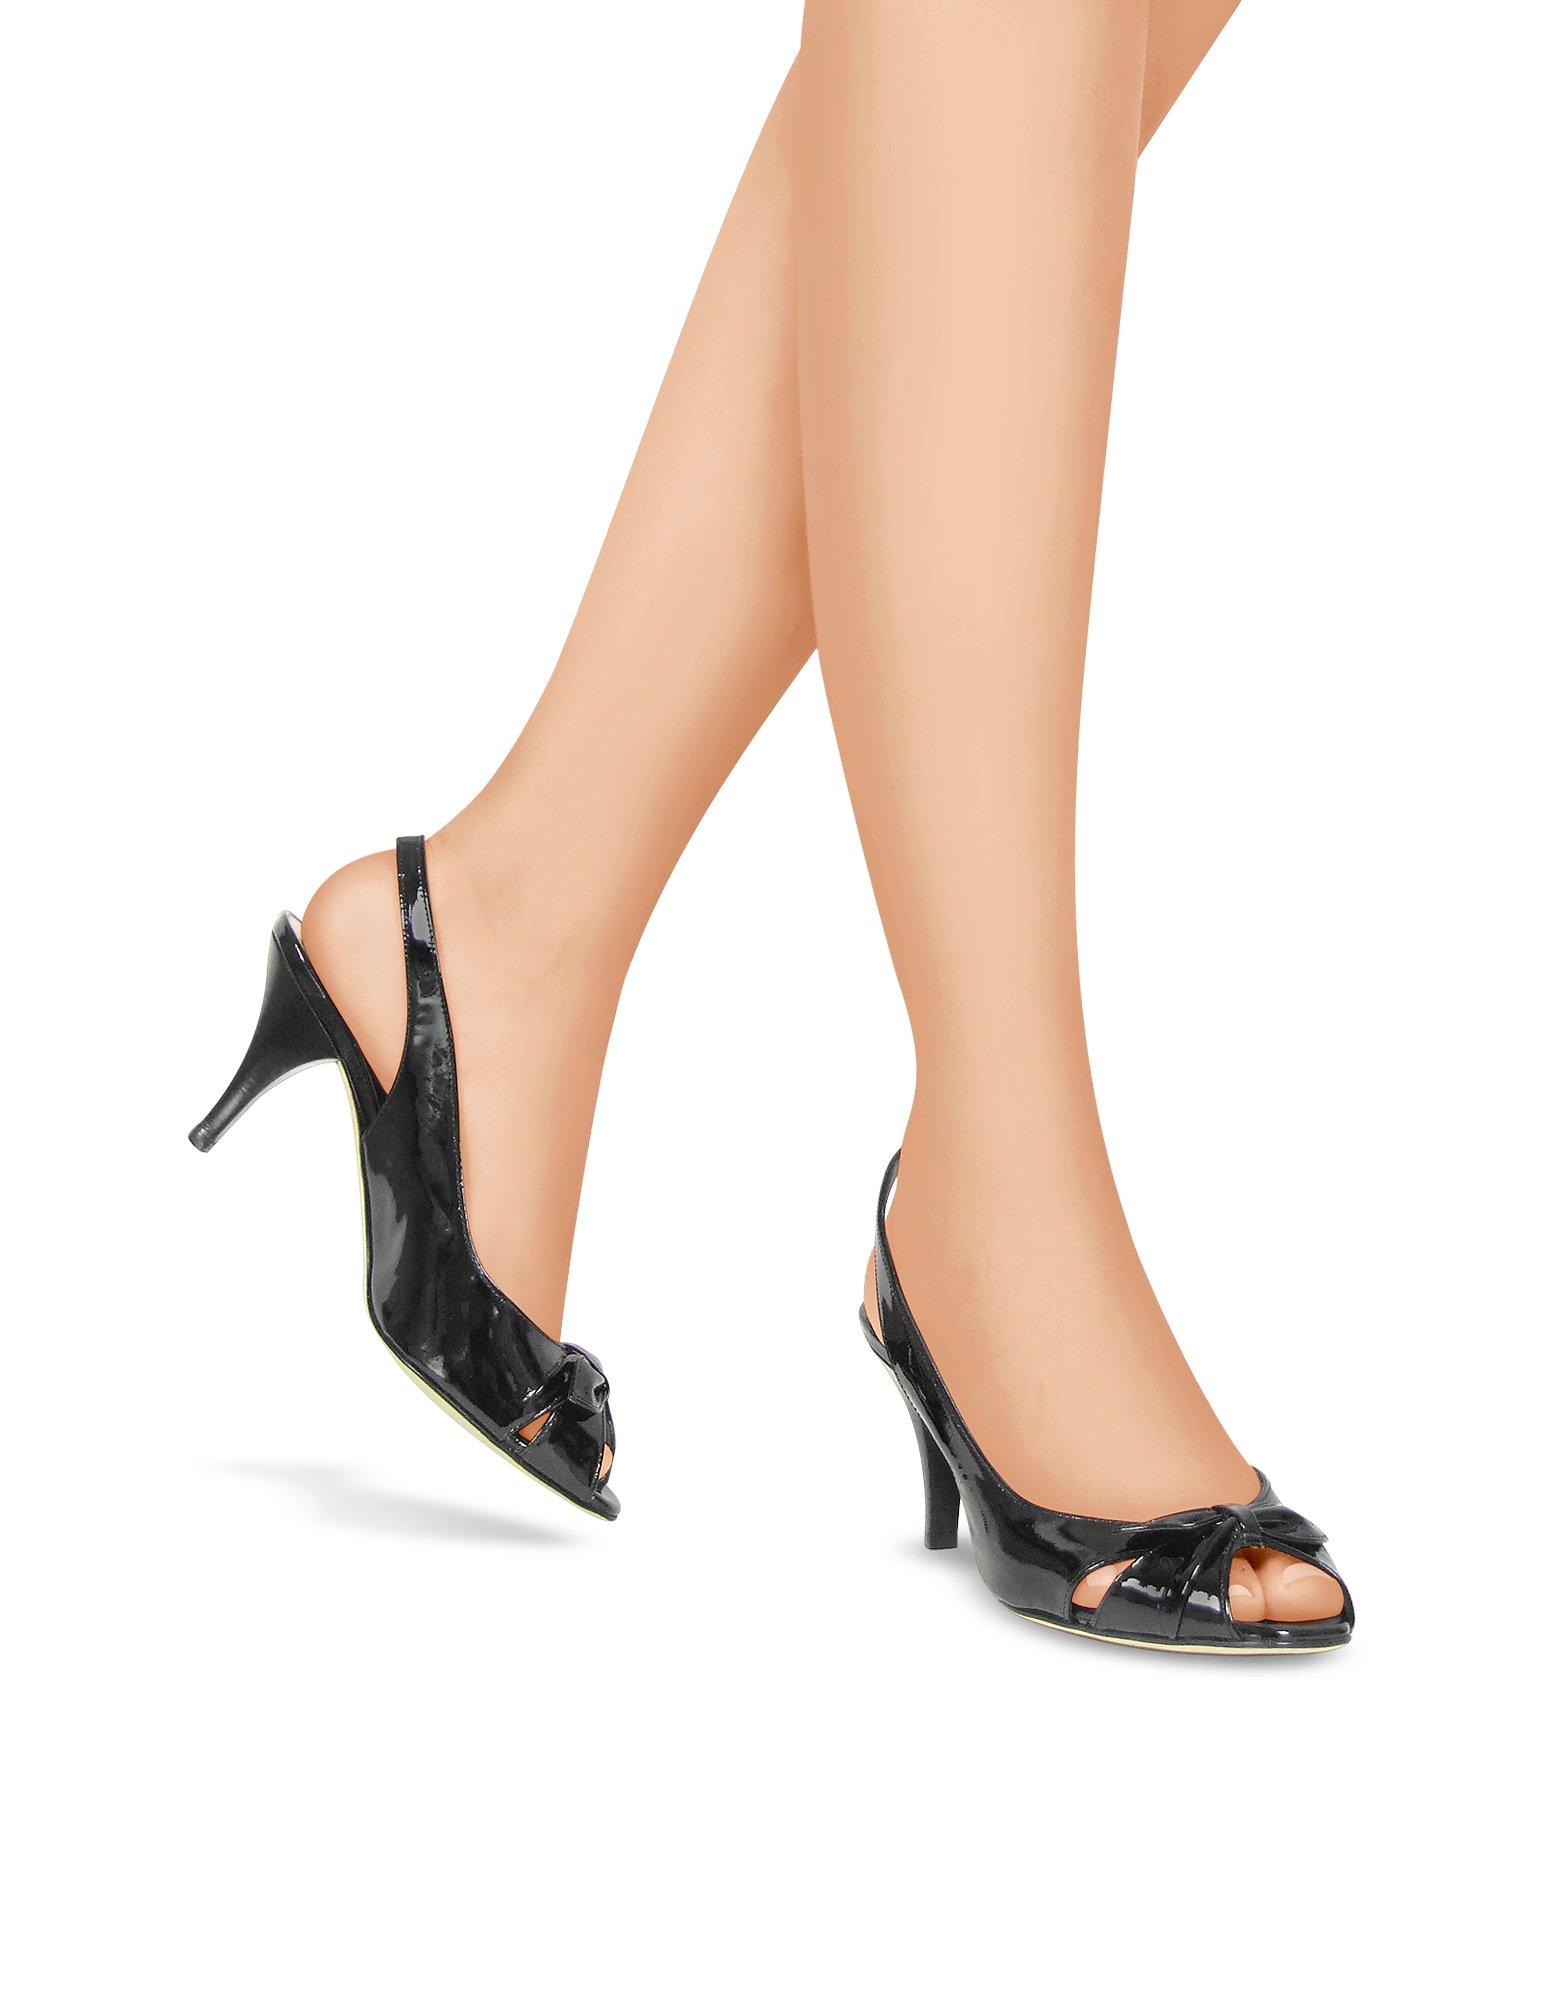 Black Patent Peep Toe Slingback Shoes